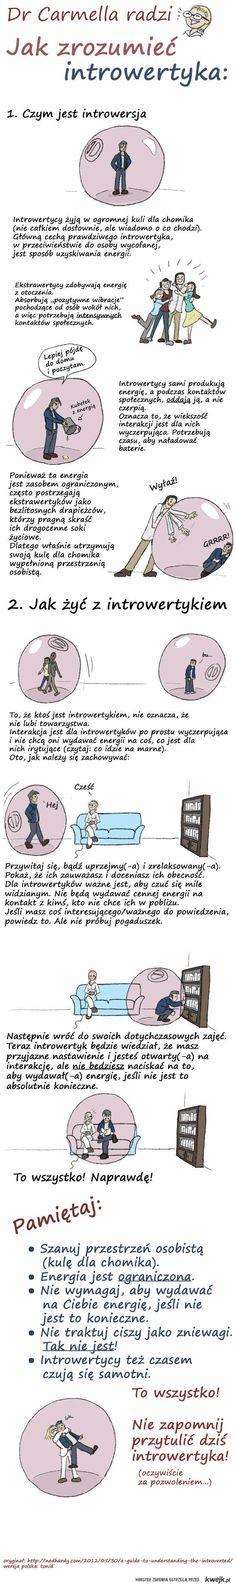 Jak zrozumieć introwertyka.